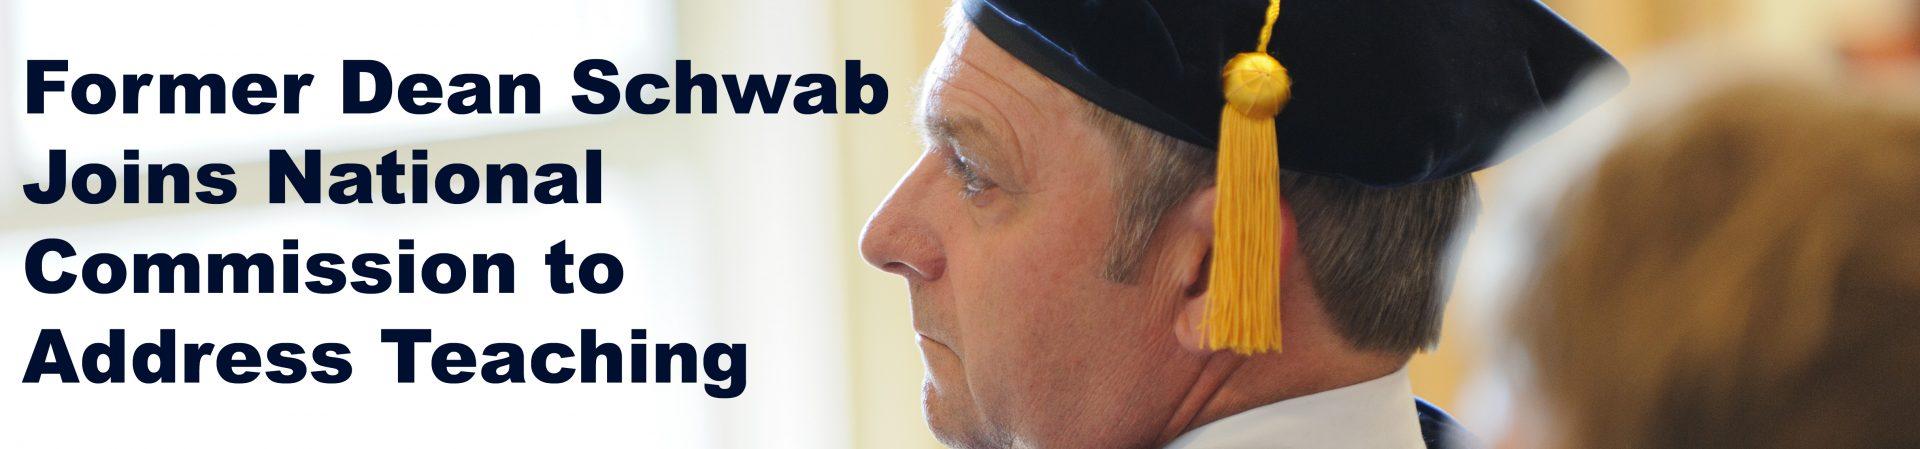 dean schwab in graduation hat looking at speaker